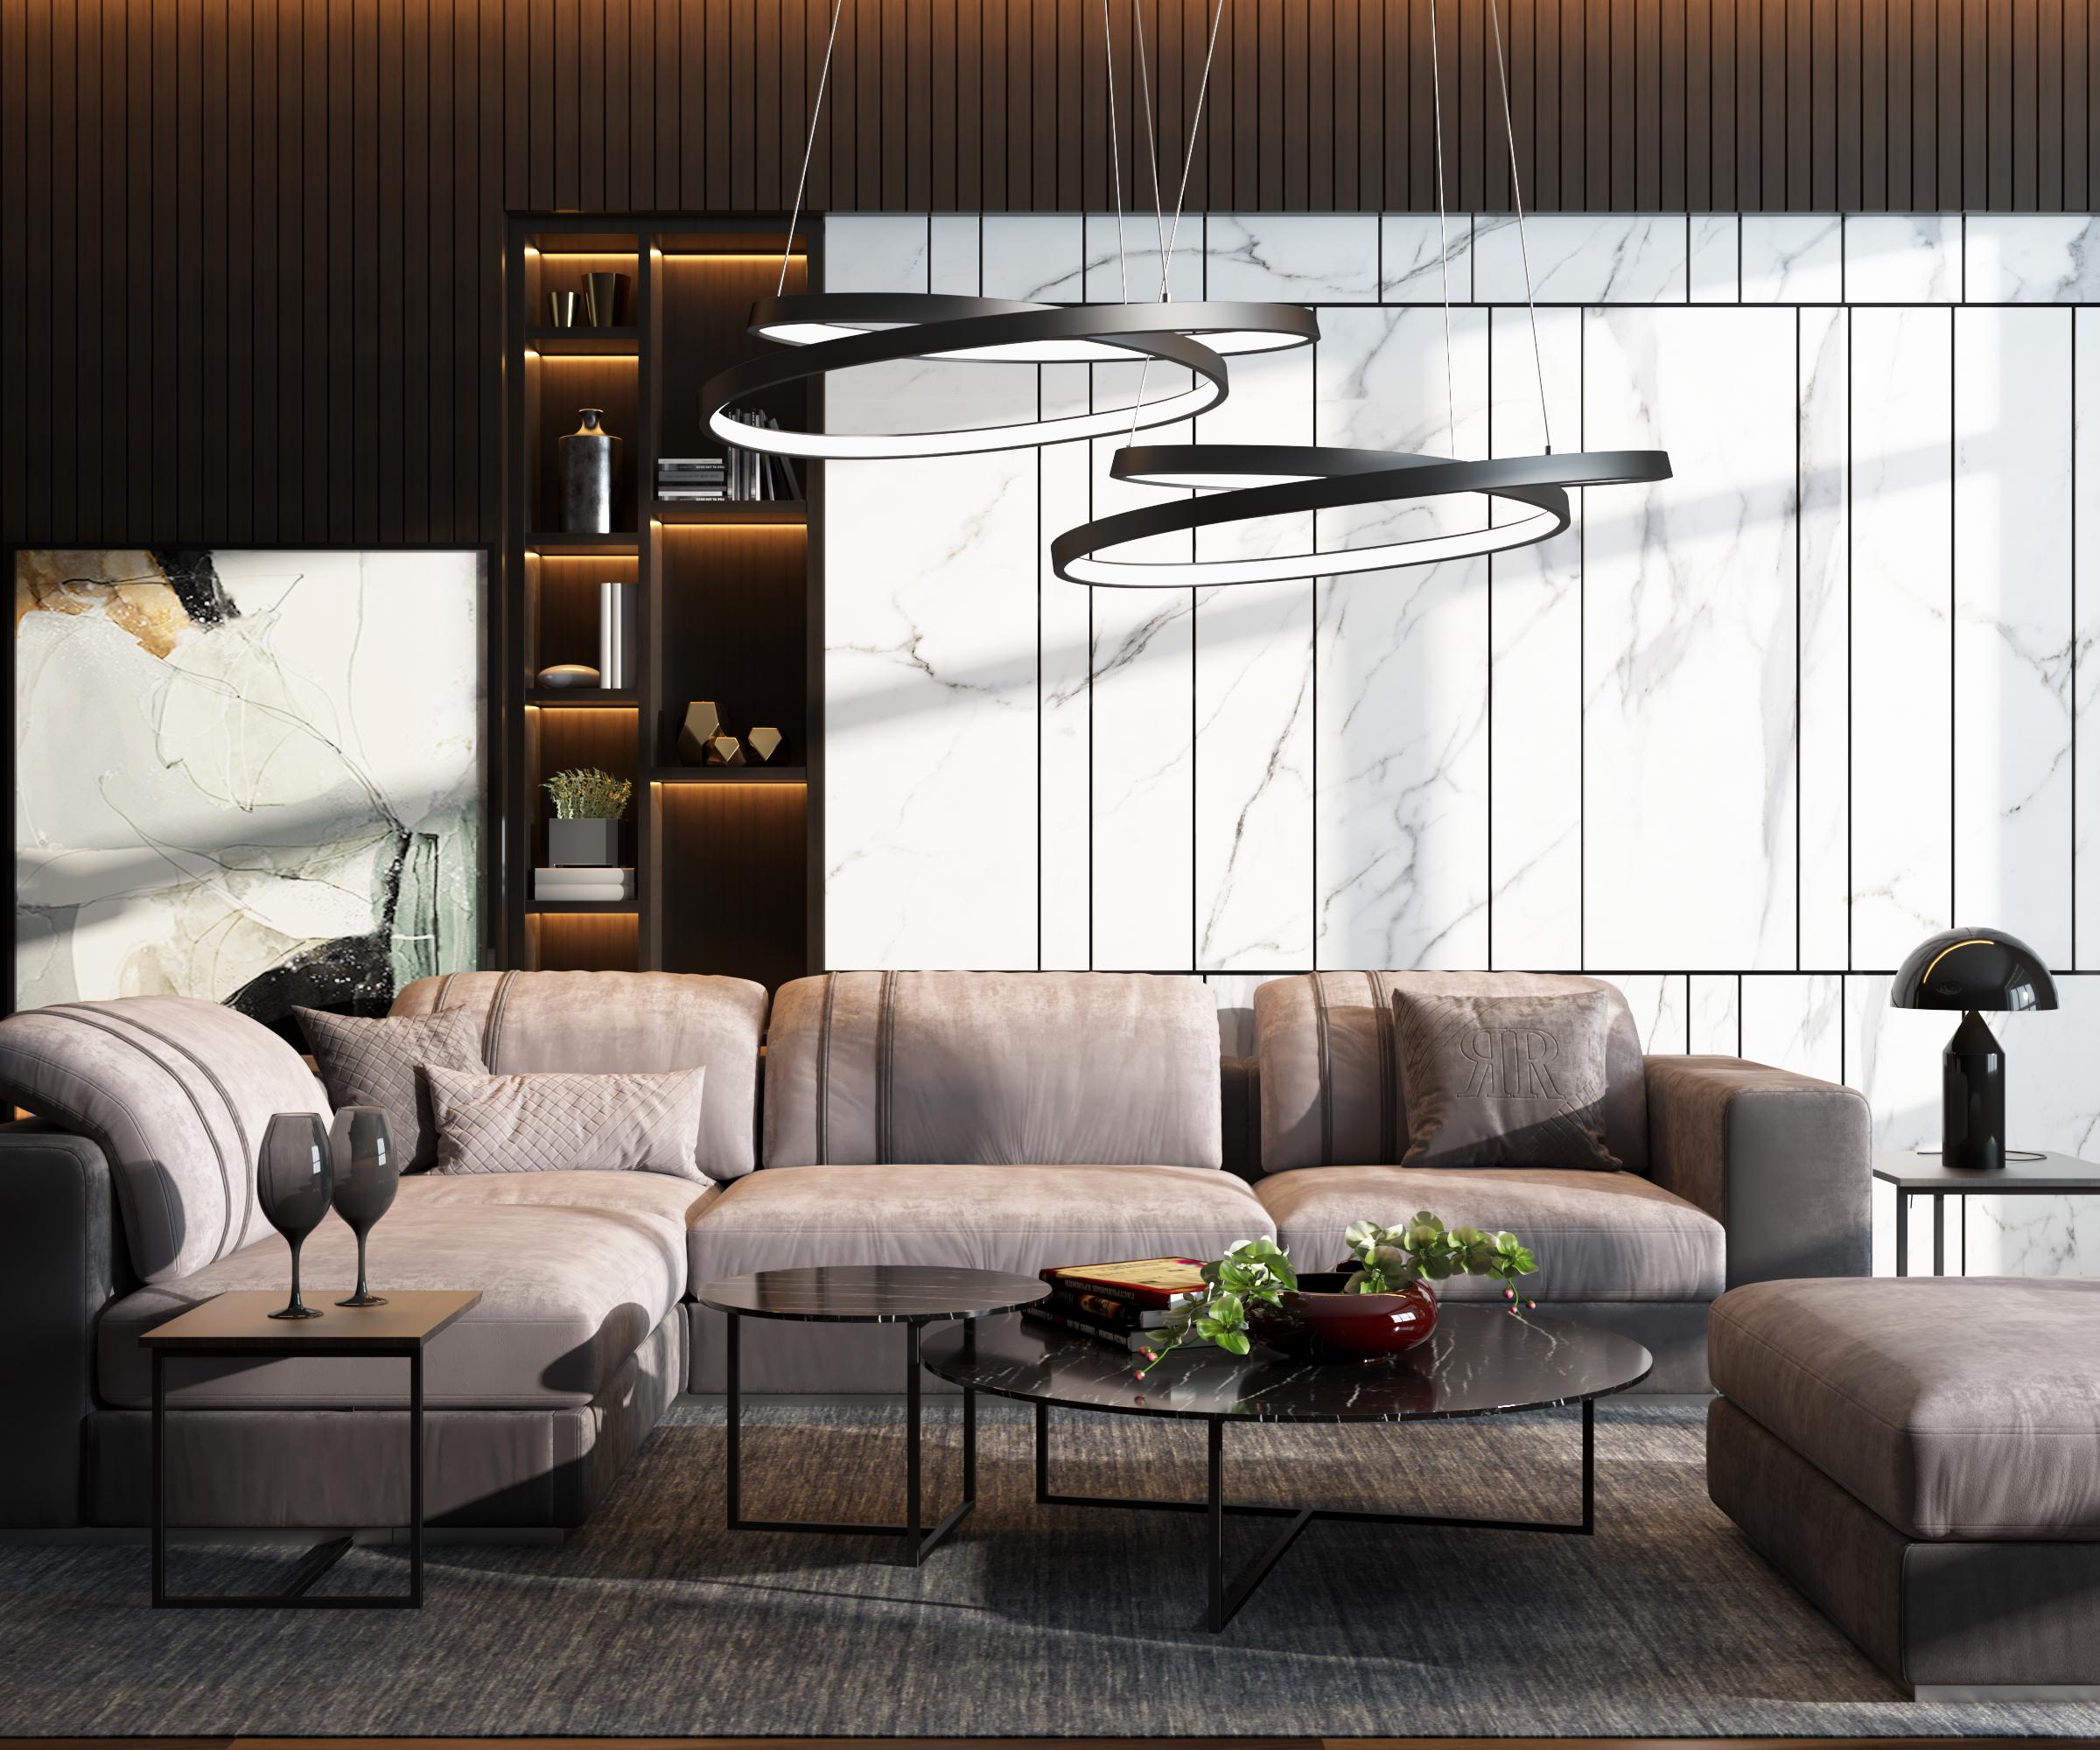 現代沙發裝飾畫吊燈組合